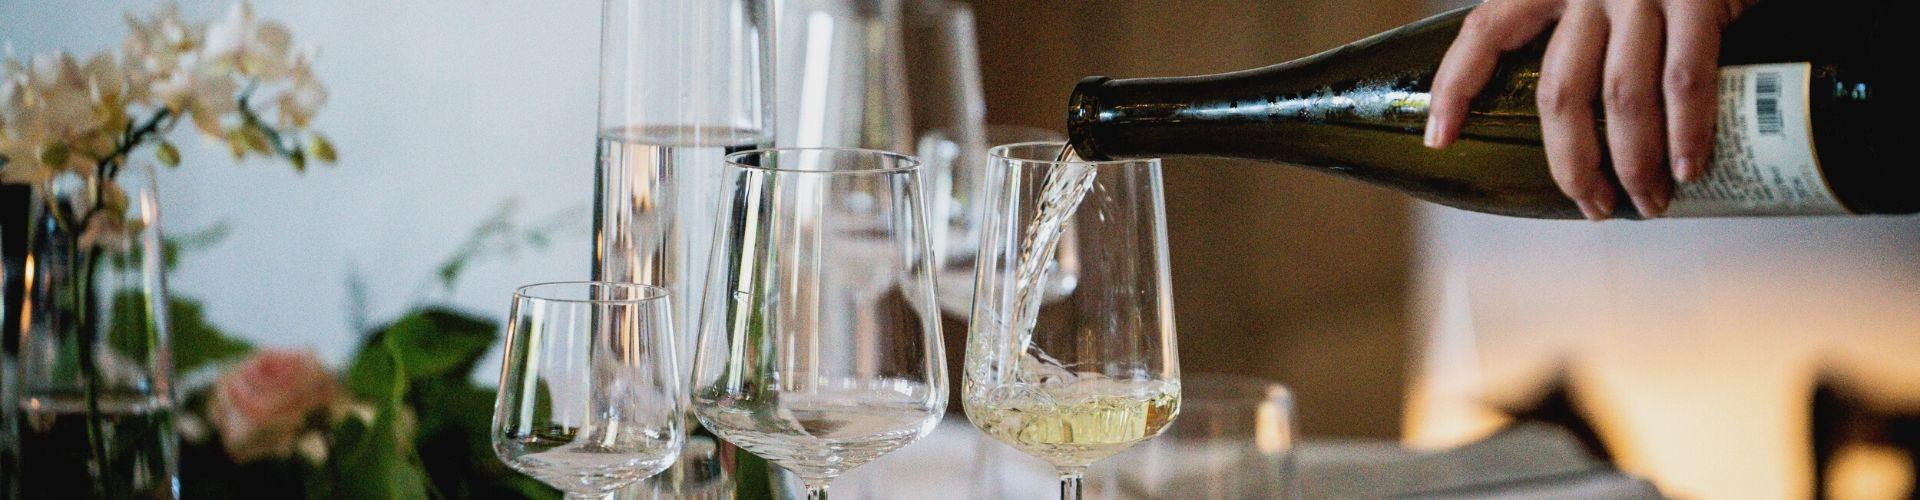 Wina Południowoafrykańskie